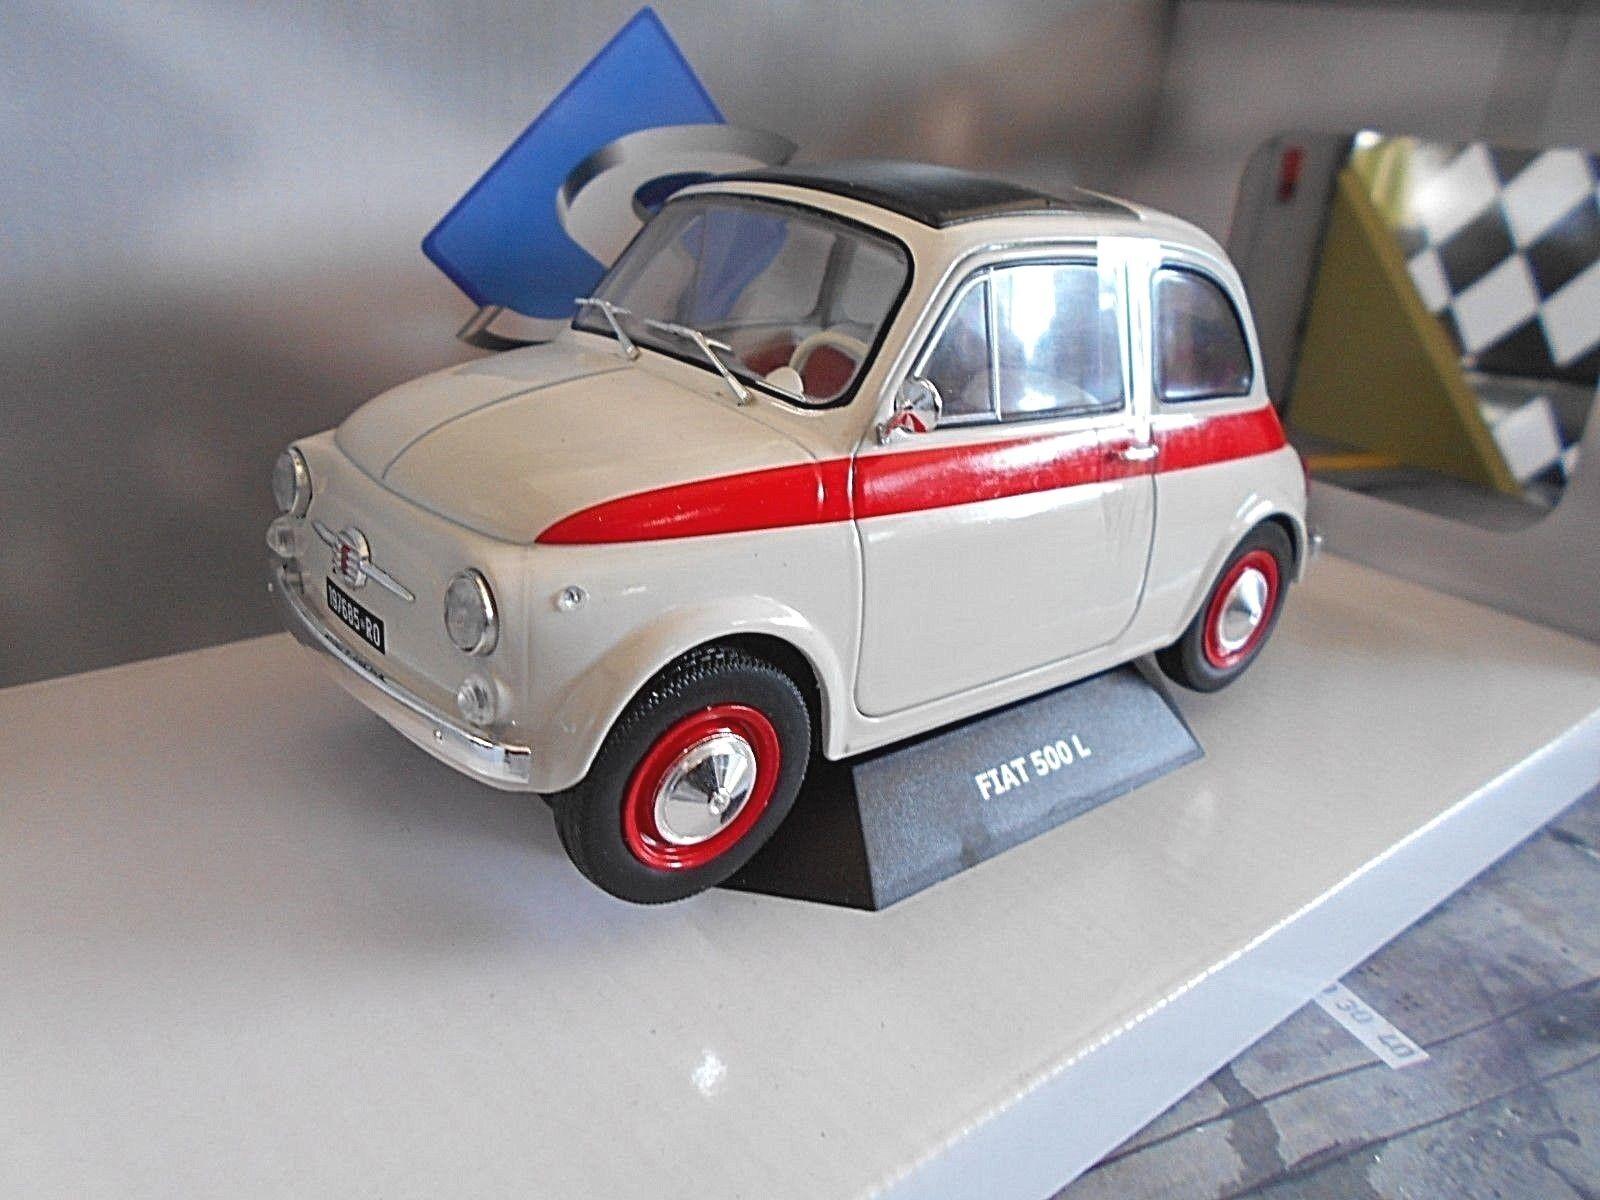 Fiat 500 L  SPORT  Spécial modèle 1968 Blanc + Rouge SOLIDO métal neuf 1 18